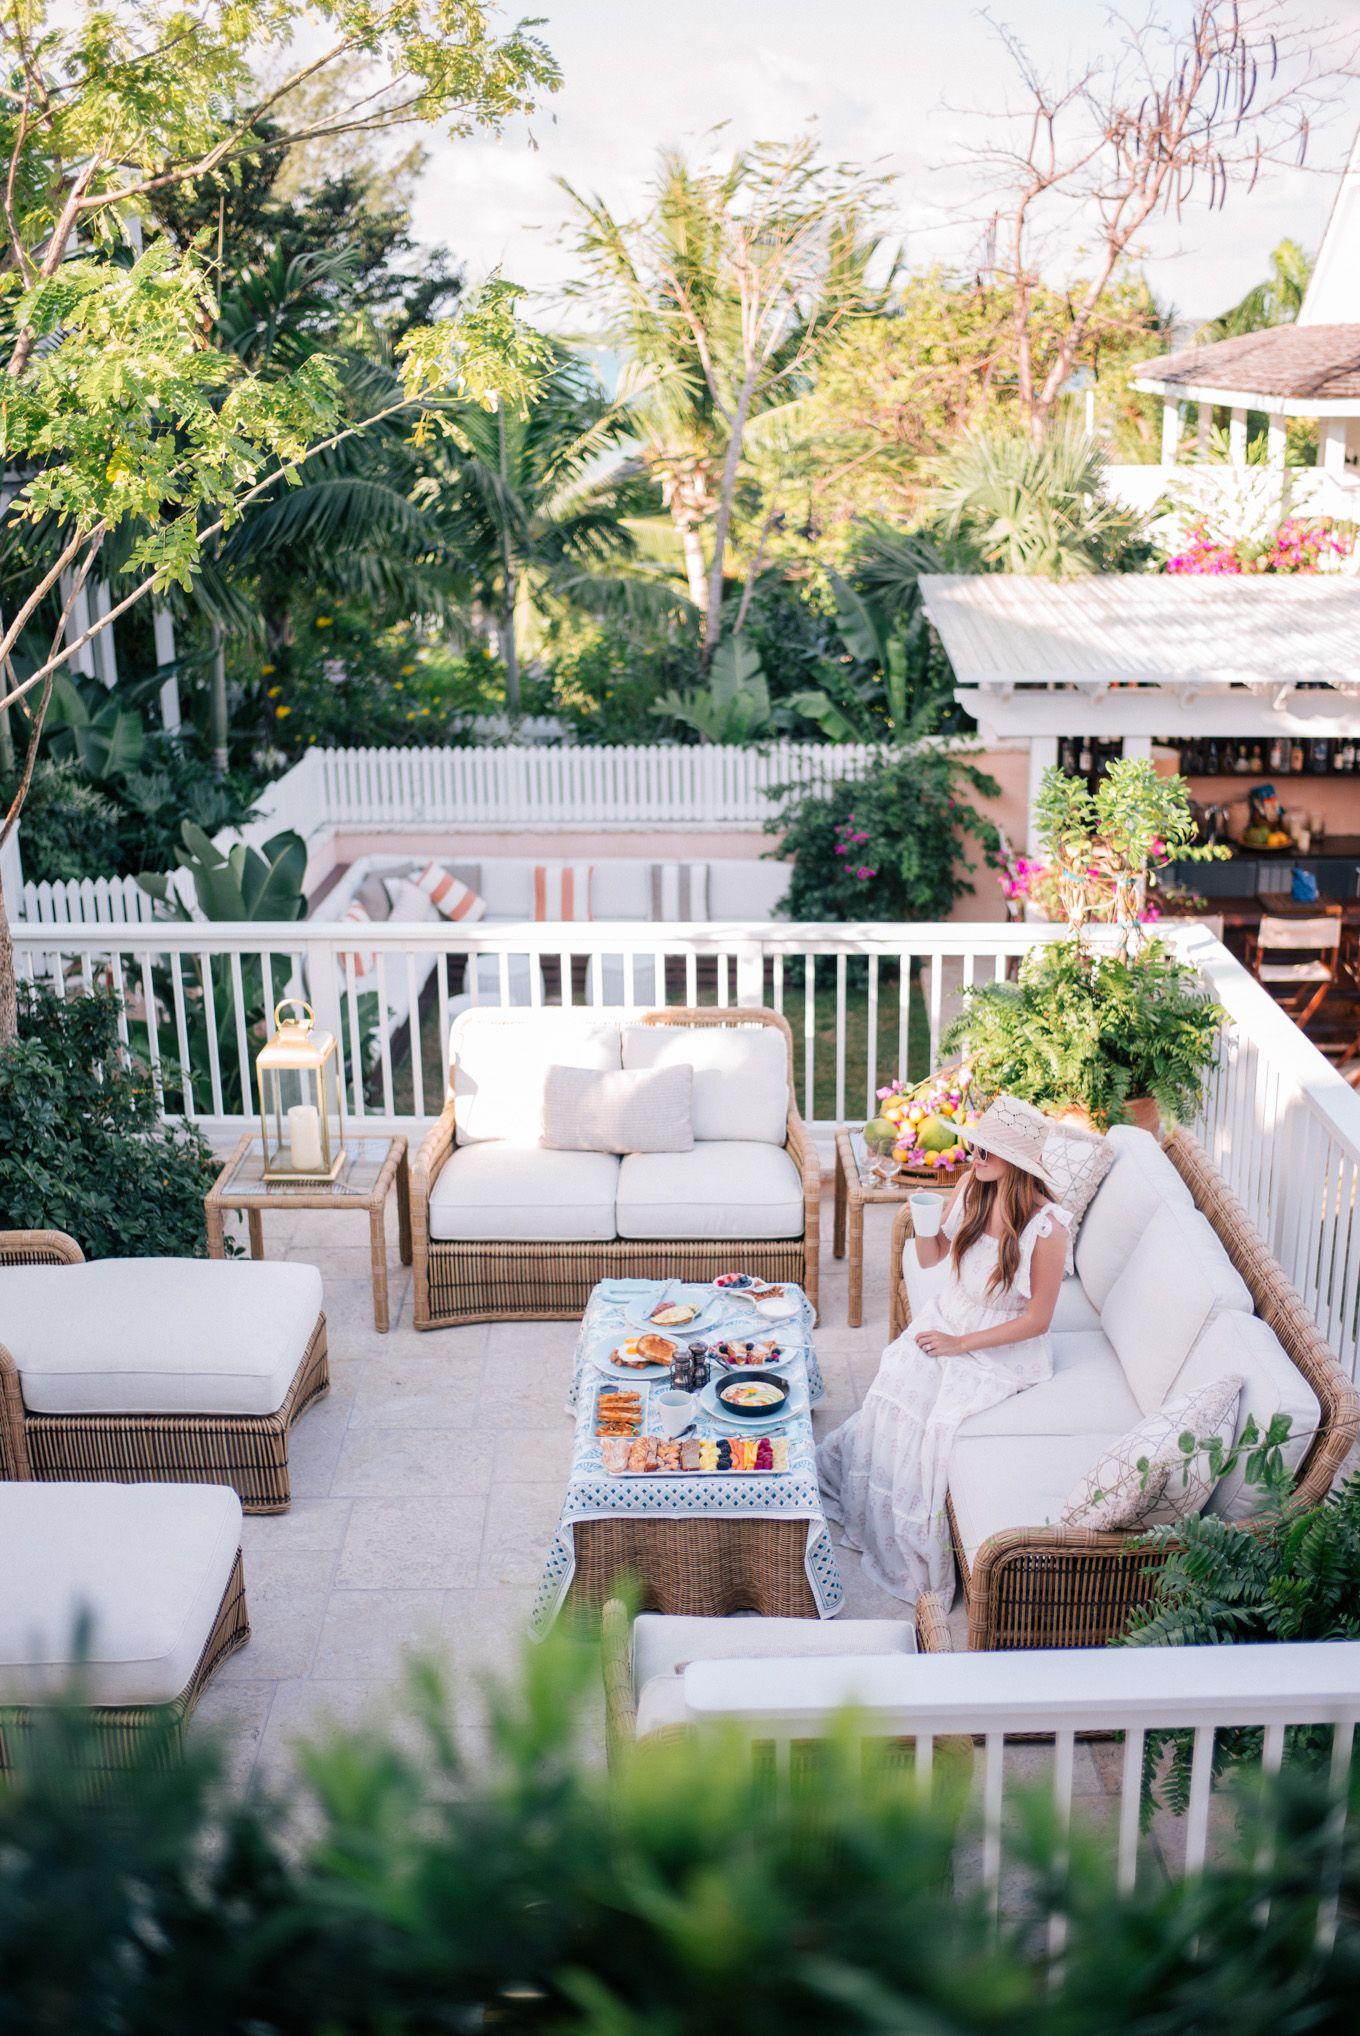 Home garden furniture  Bahama House Inn  t r a v e l  Pinterest  Castaner espadrilles